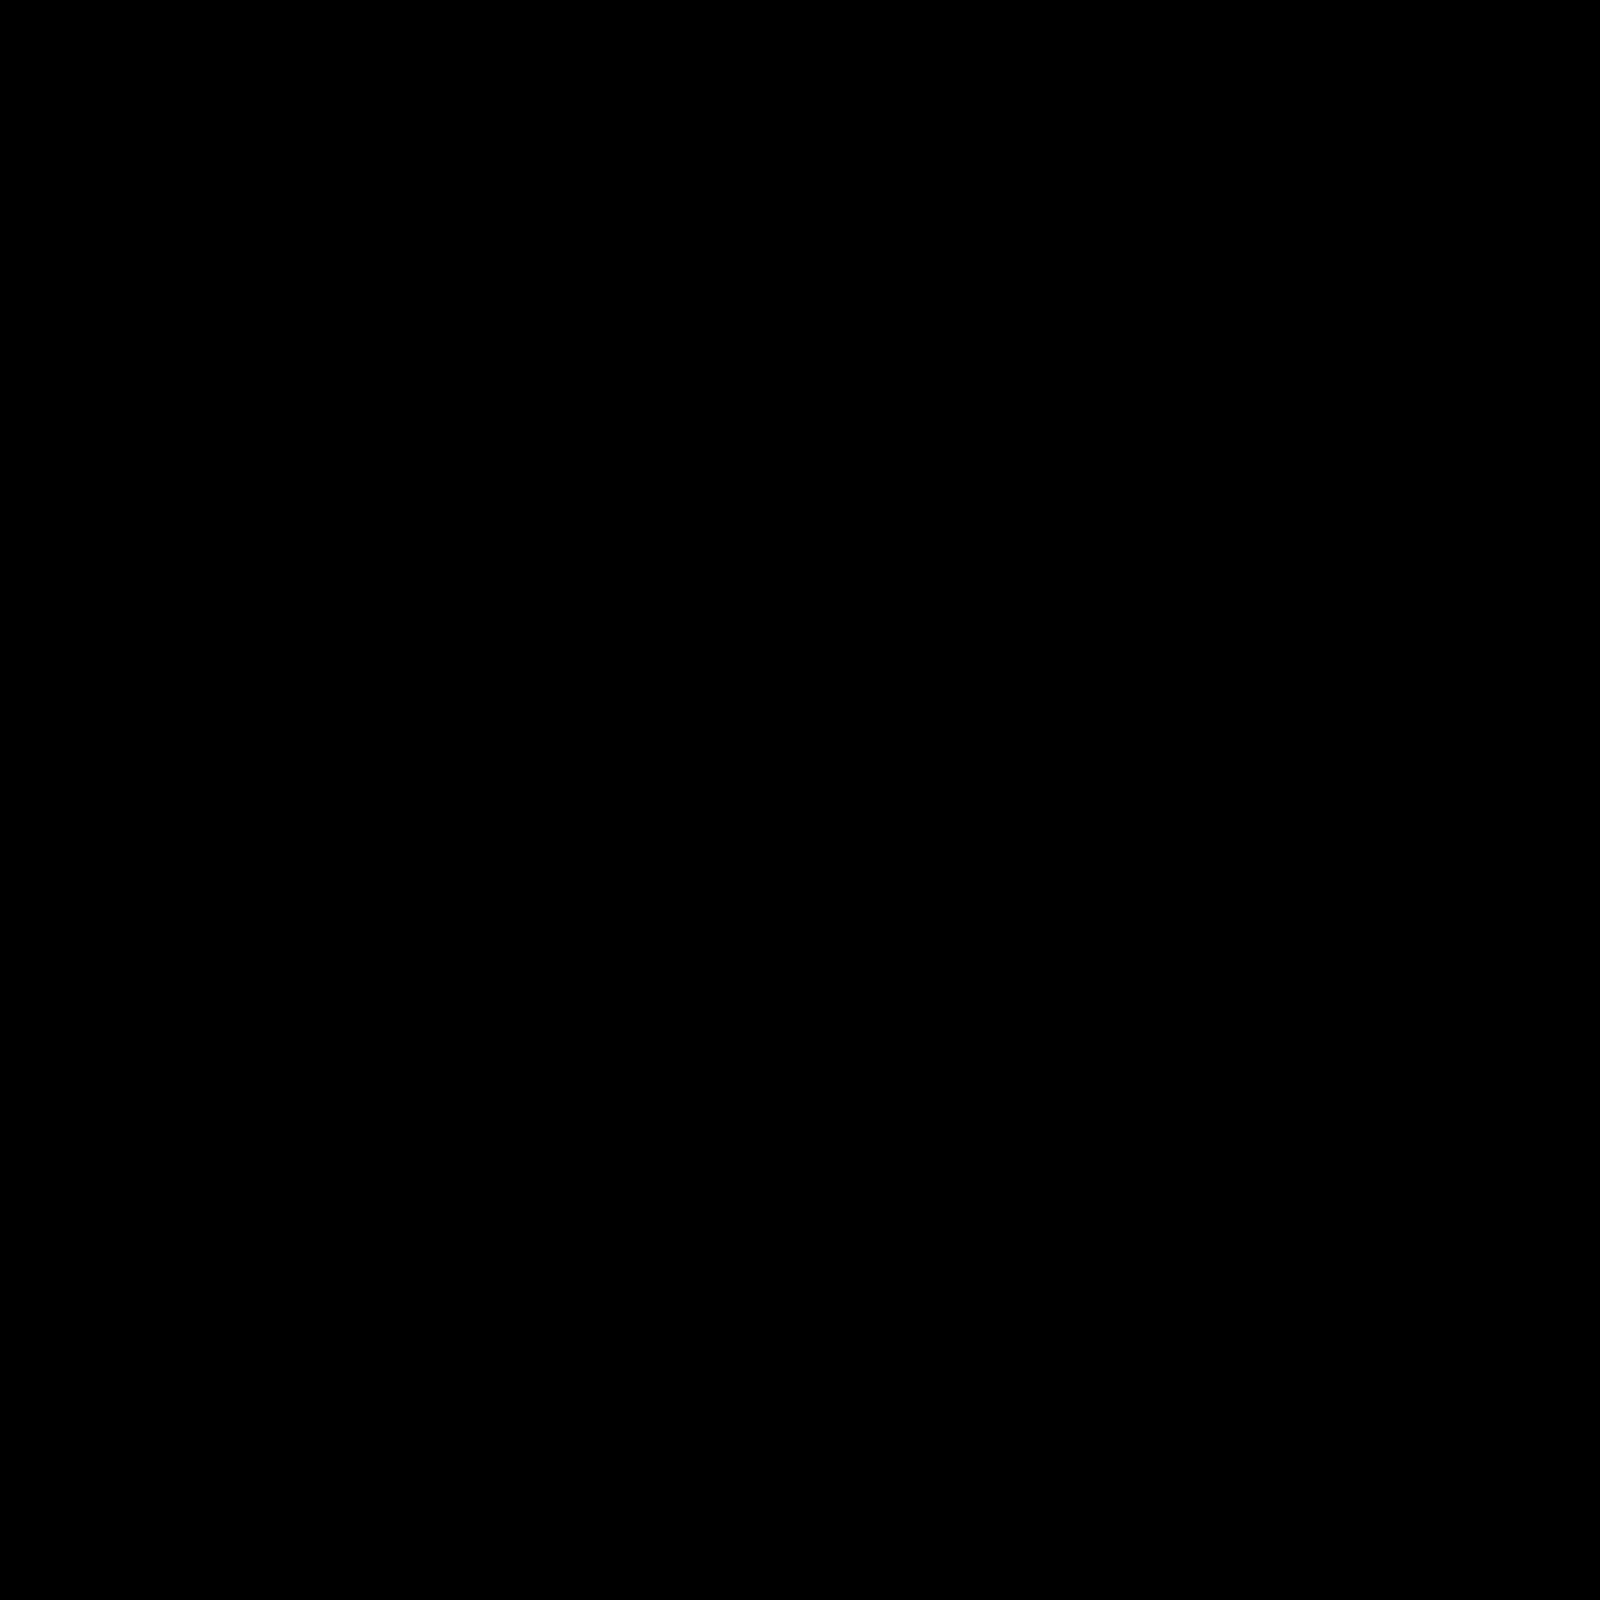 新月 icon. The icon is the shape of a full circle. The inside of the full circle is covered with a large amount of dots that cover the entire shape. Each dot is spaced evenly through out the circle.